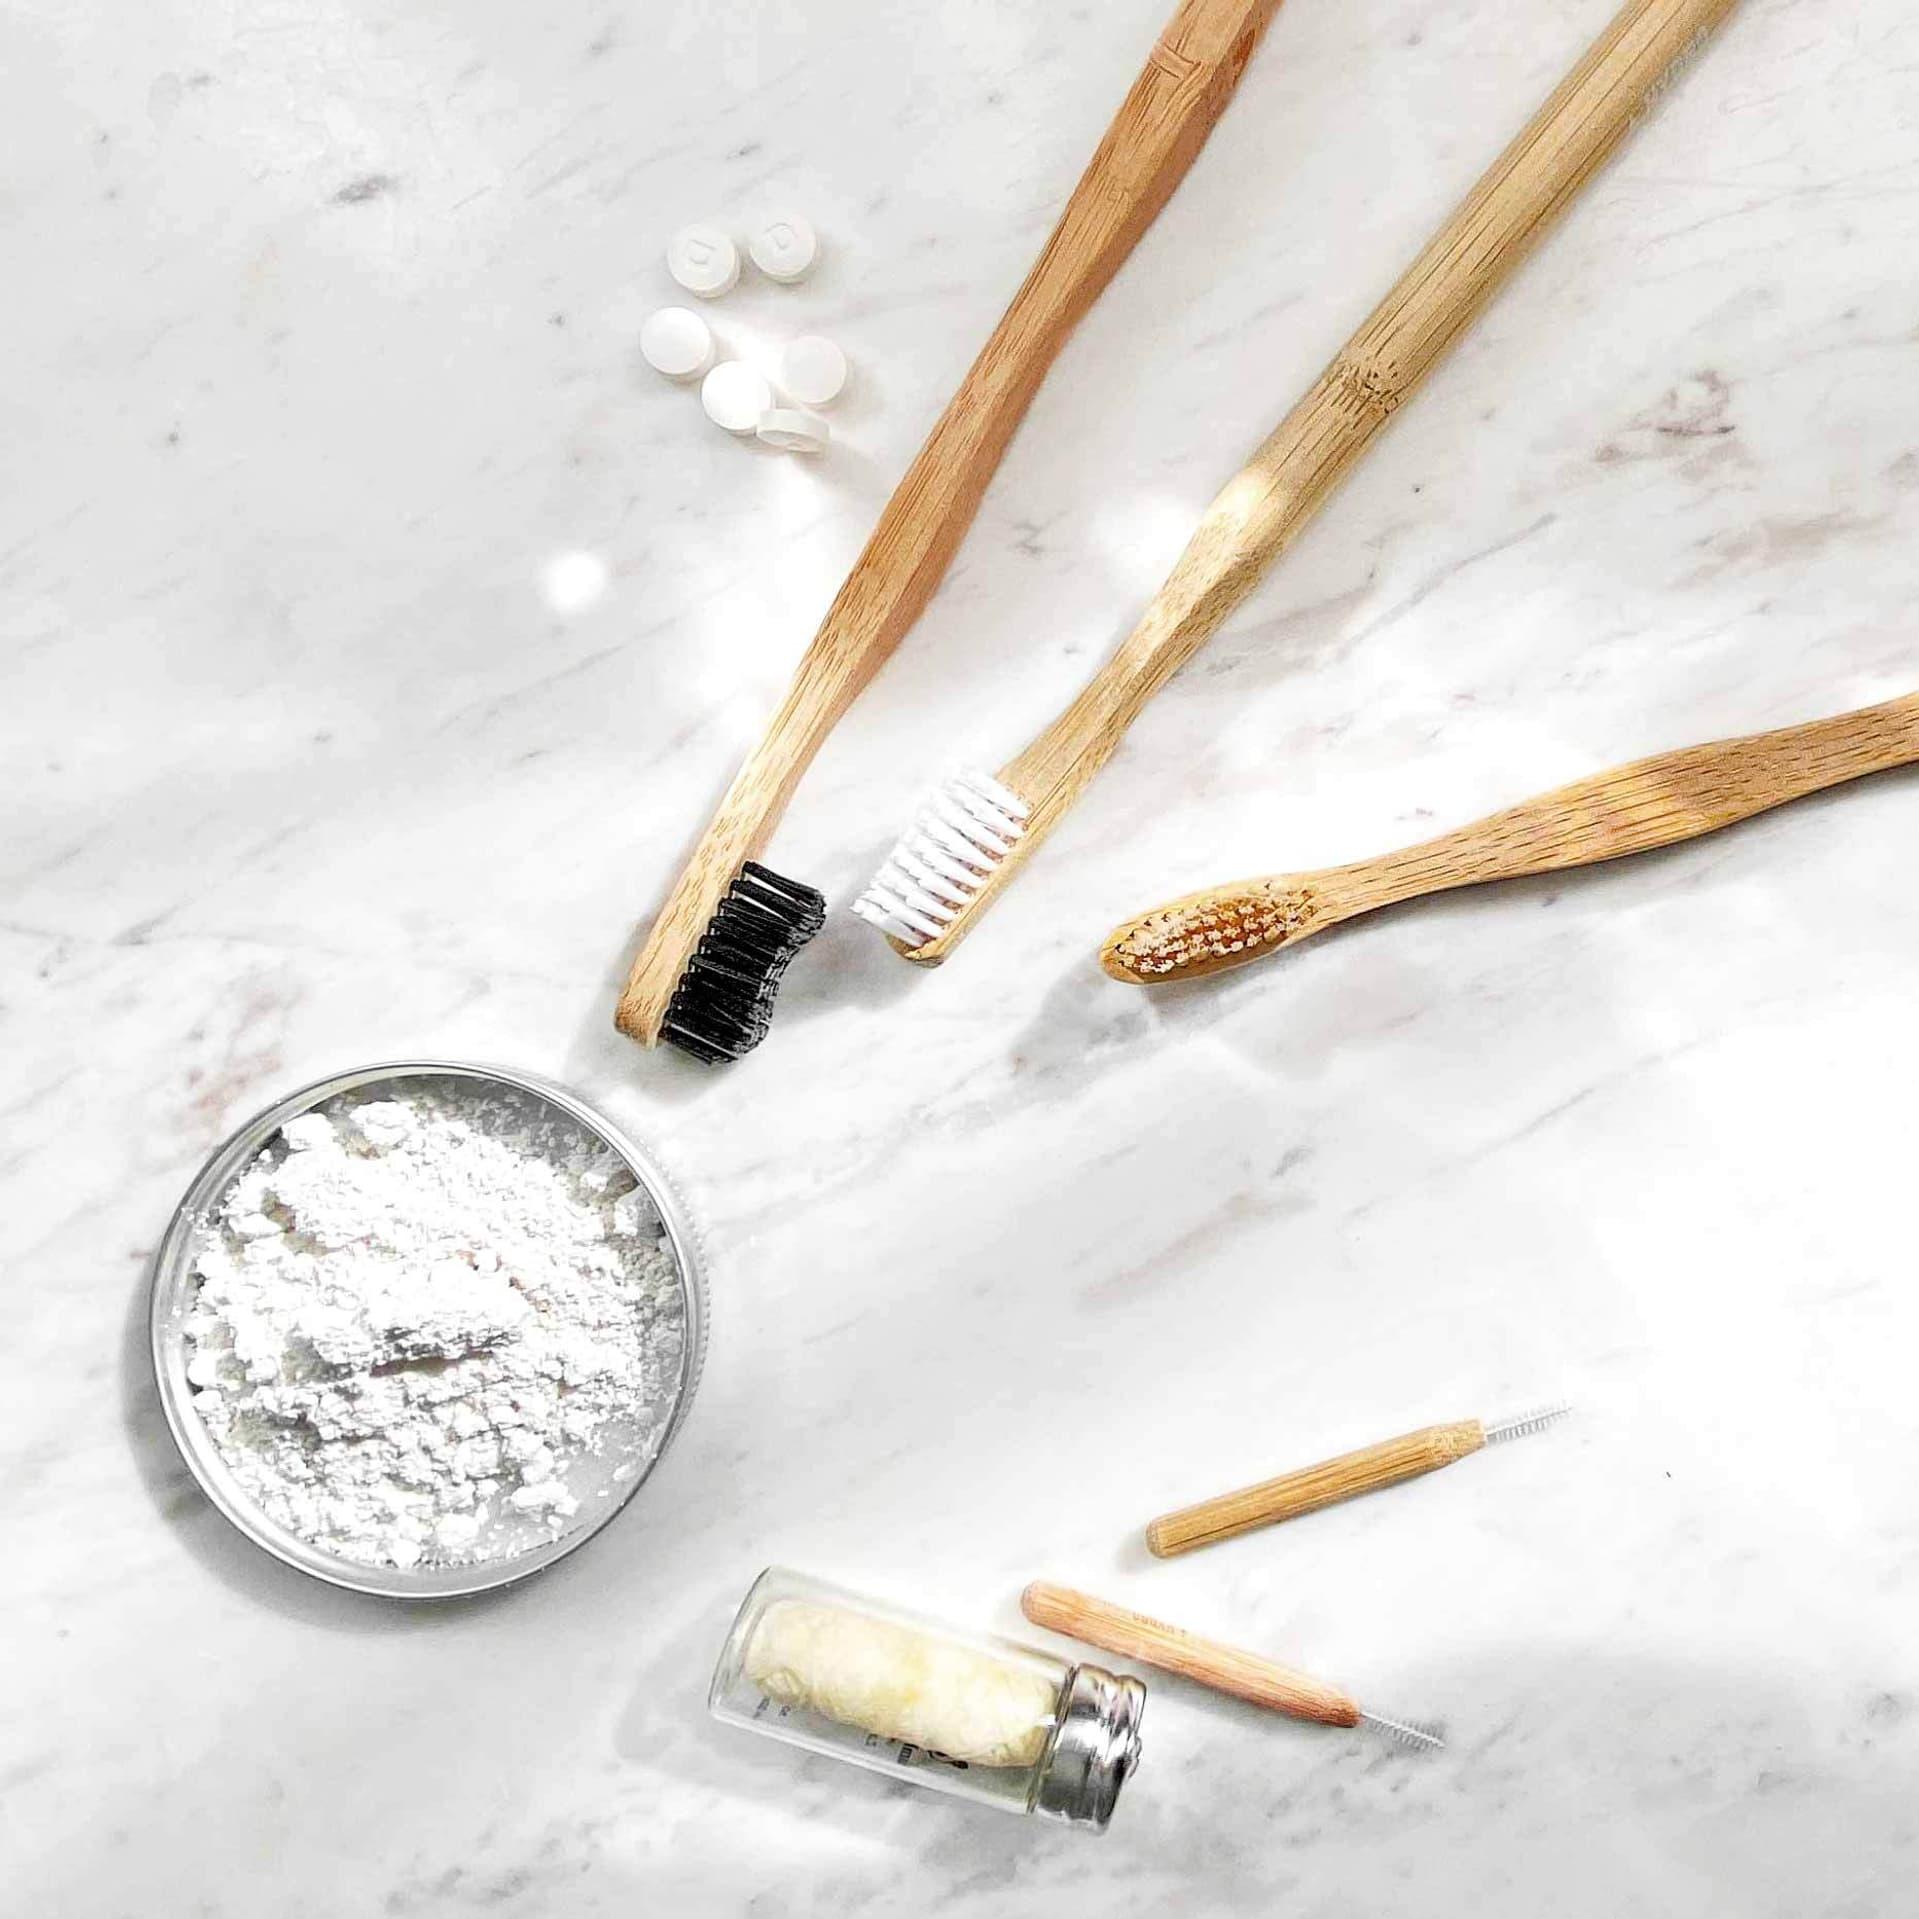 Zahnbürsten aus Bambus, Zahnputzpuder sowie nachhaltige Zahnseide und Interdentalbürstchen.